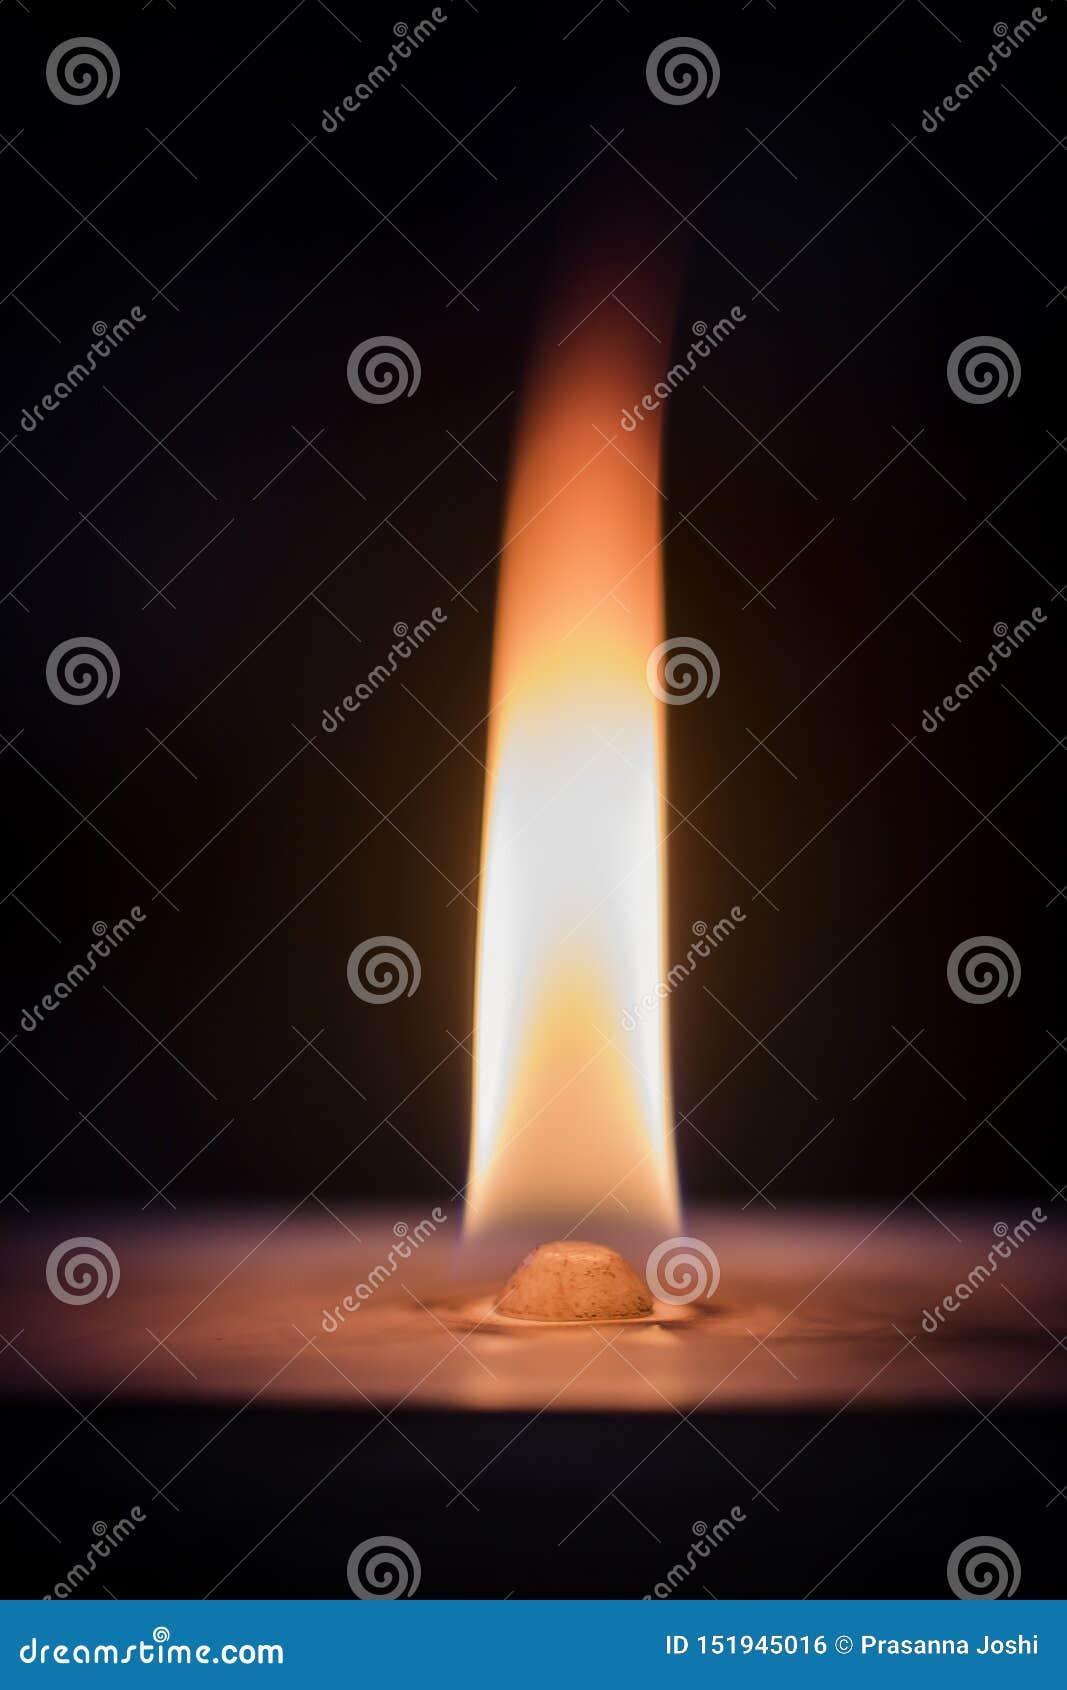 Um fogo santamente que refine tudo